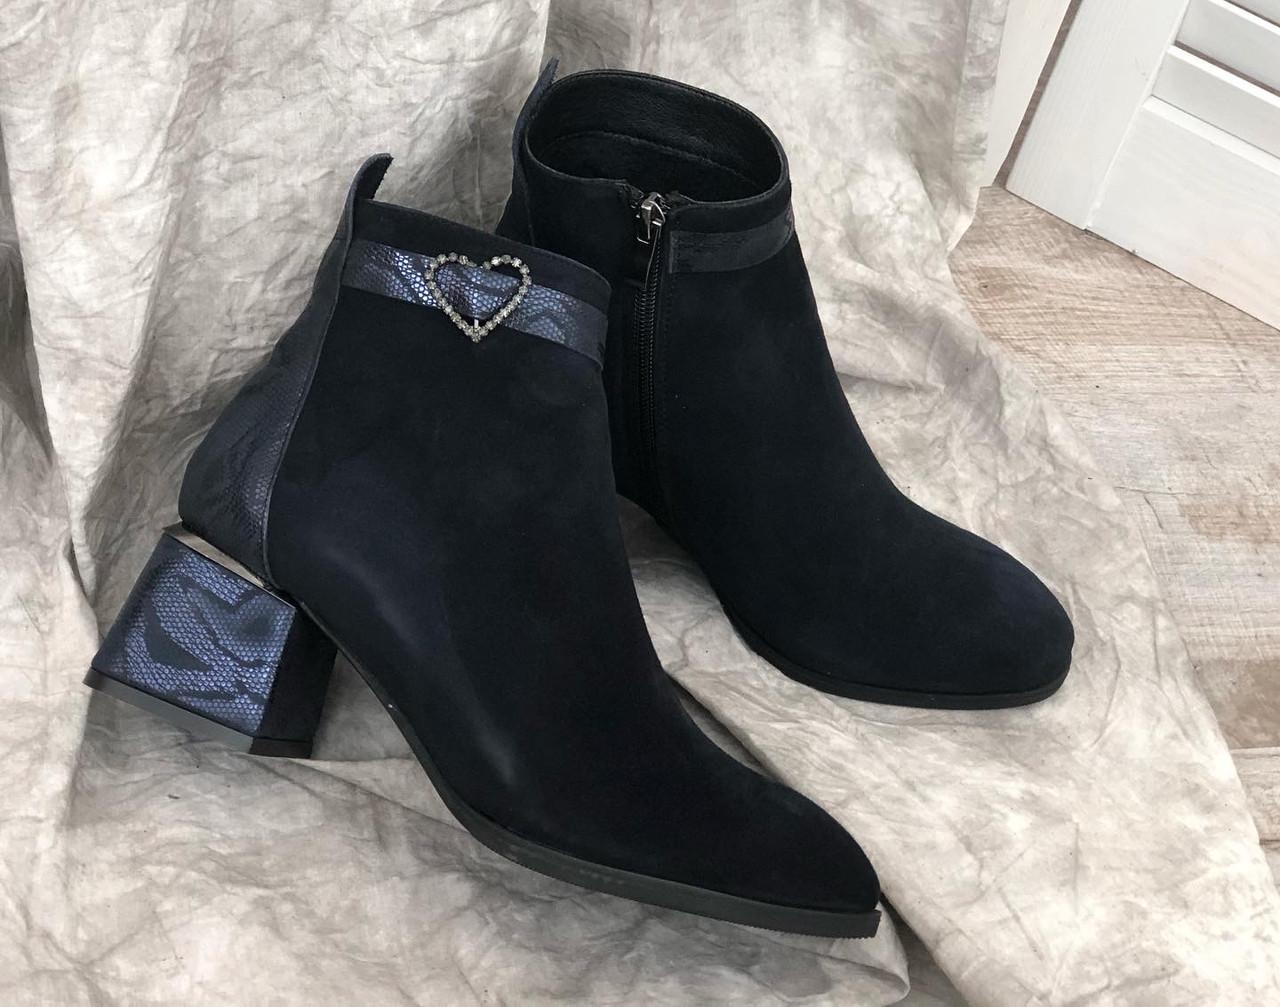 Кожаные женские ботиночки на маленьком каблуке 141 с/з 37,38,39,40 размеры